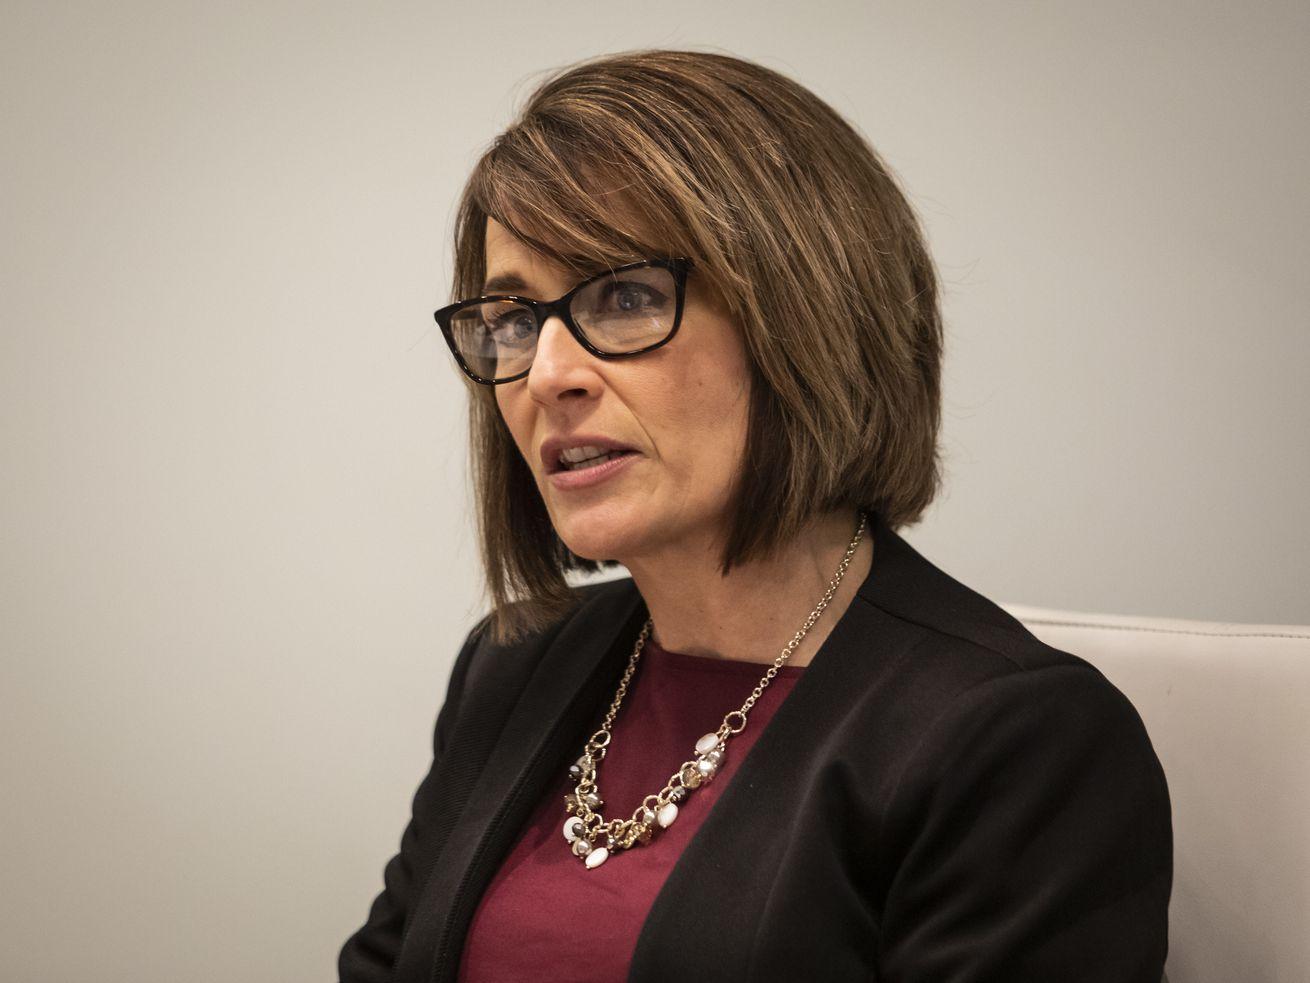 ENDORSEMENT: Meg Loughran Cappel, Illinois Senate, 49th District, 2020 election